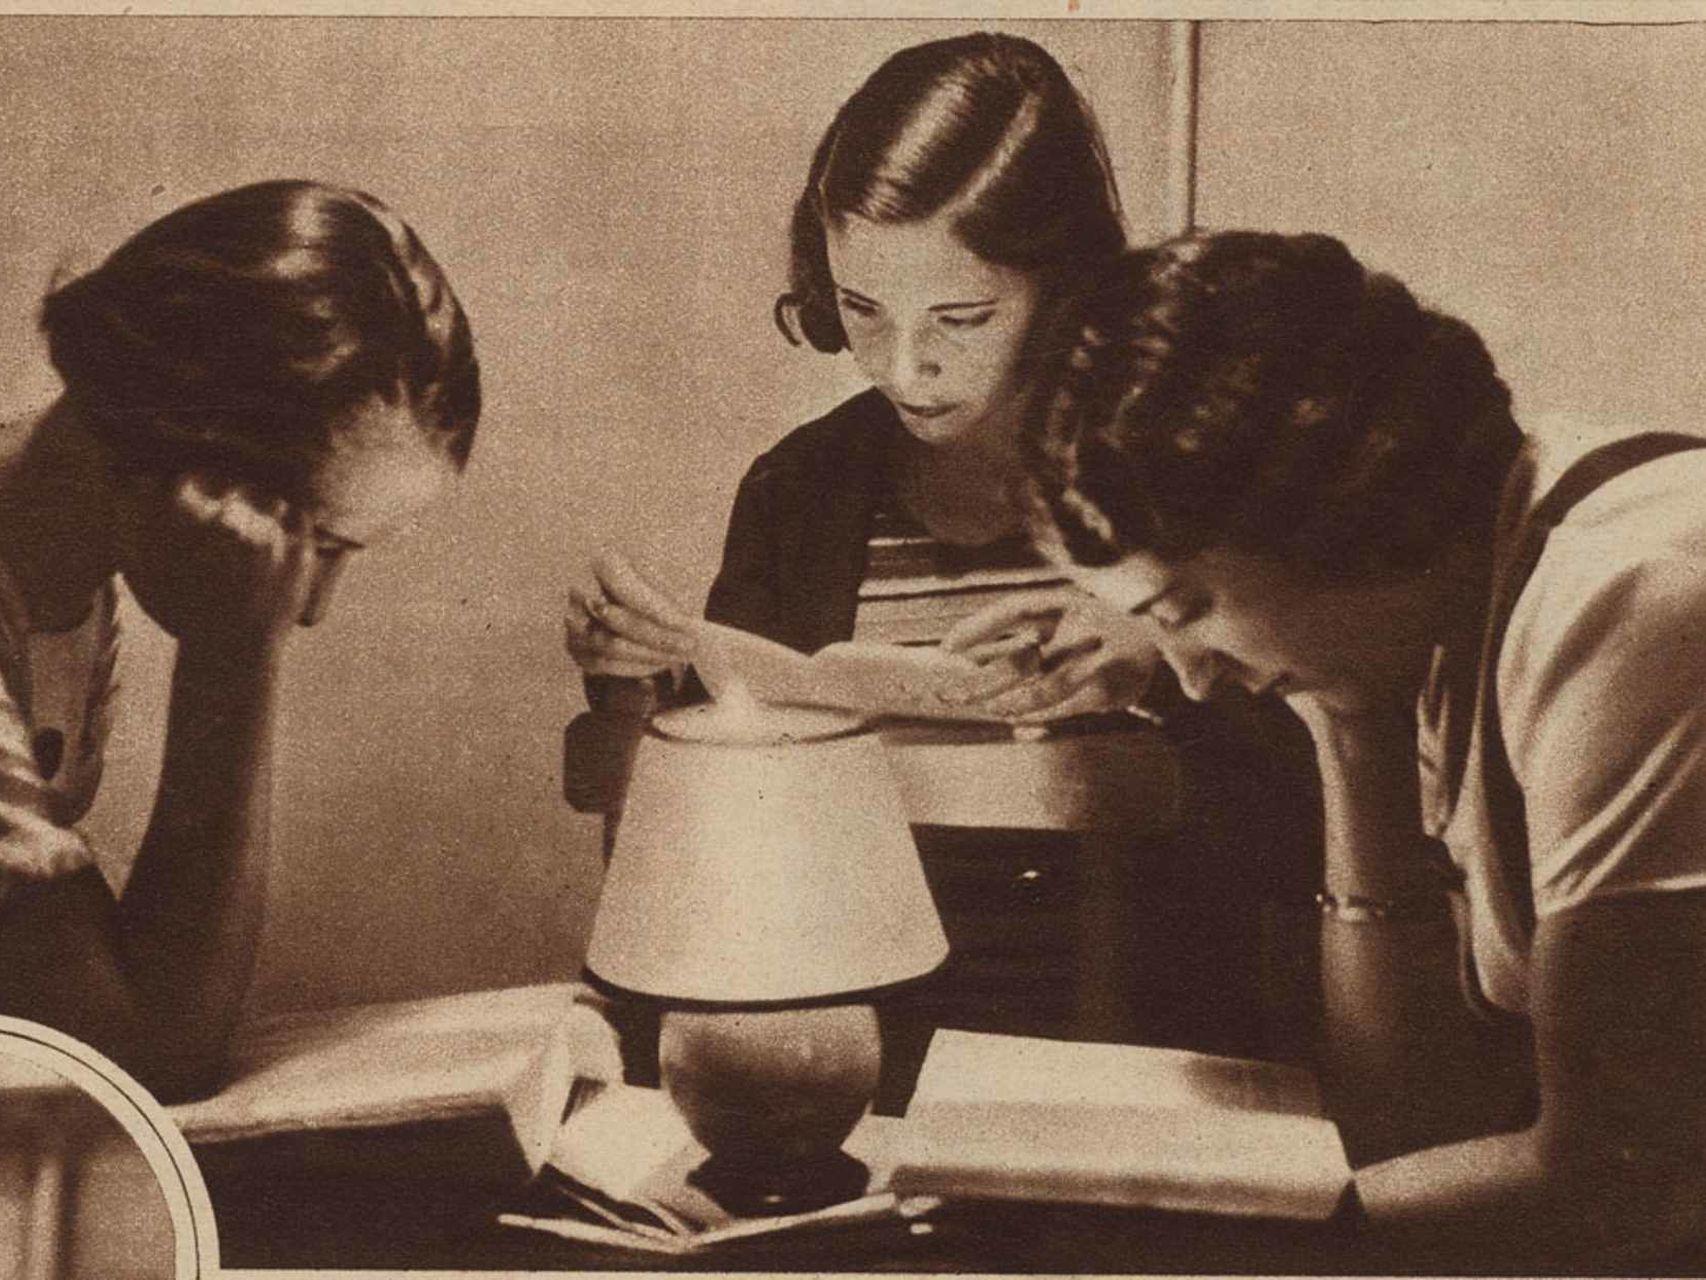 Alumnas-Residencia-Senoritas-estudiando_83751726_255343_1706x1280